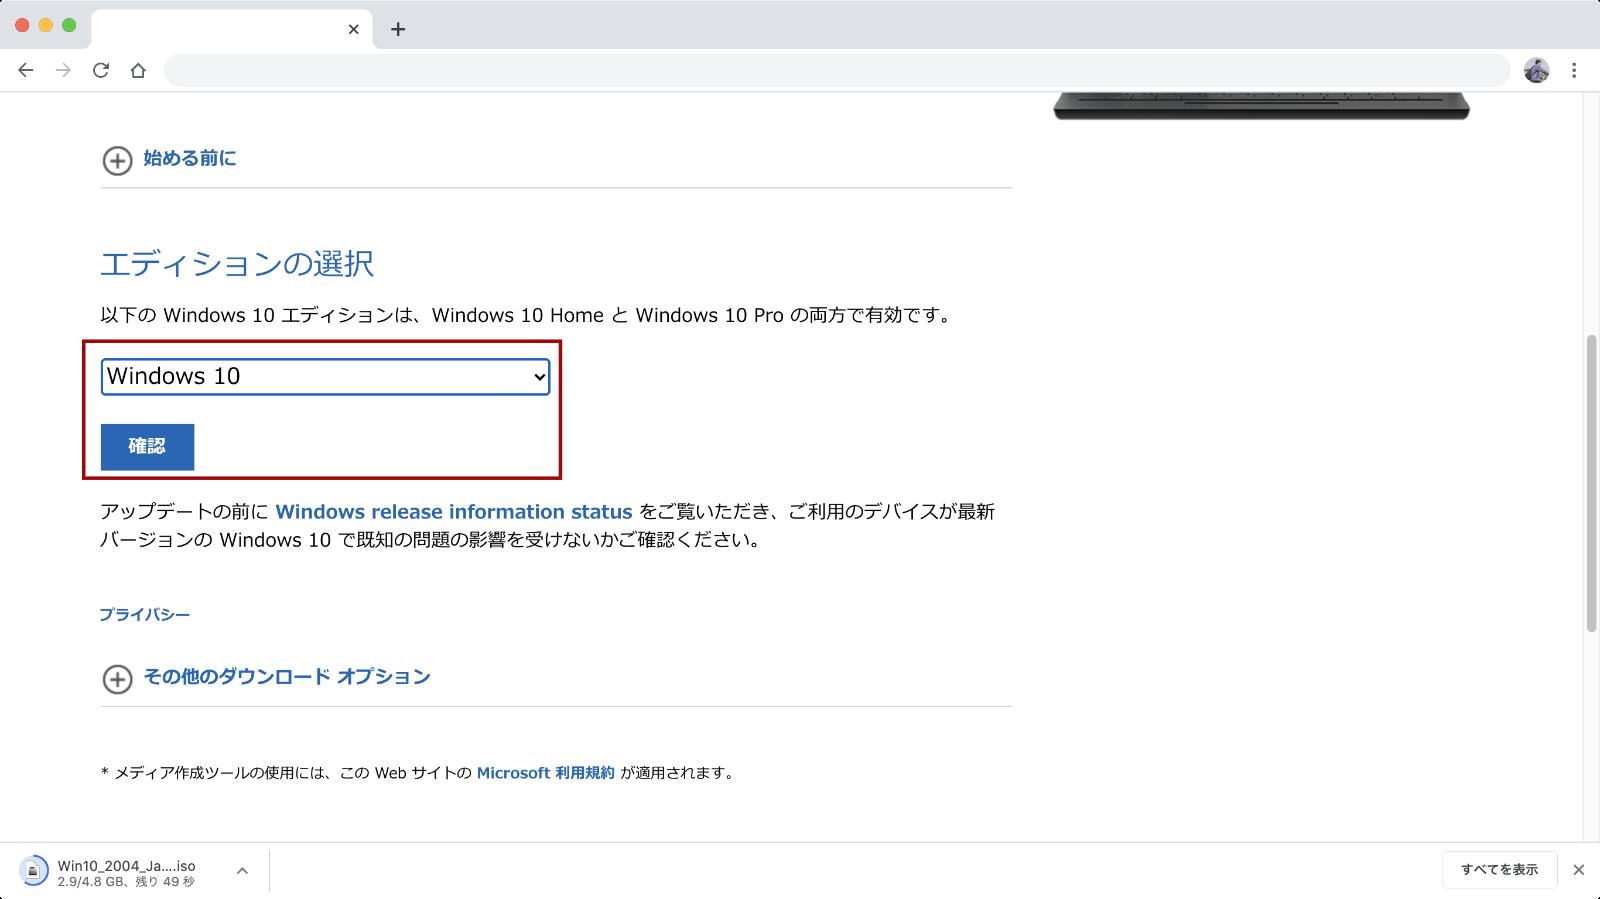 Windows 10のエディションの選択